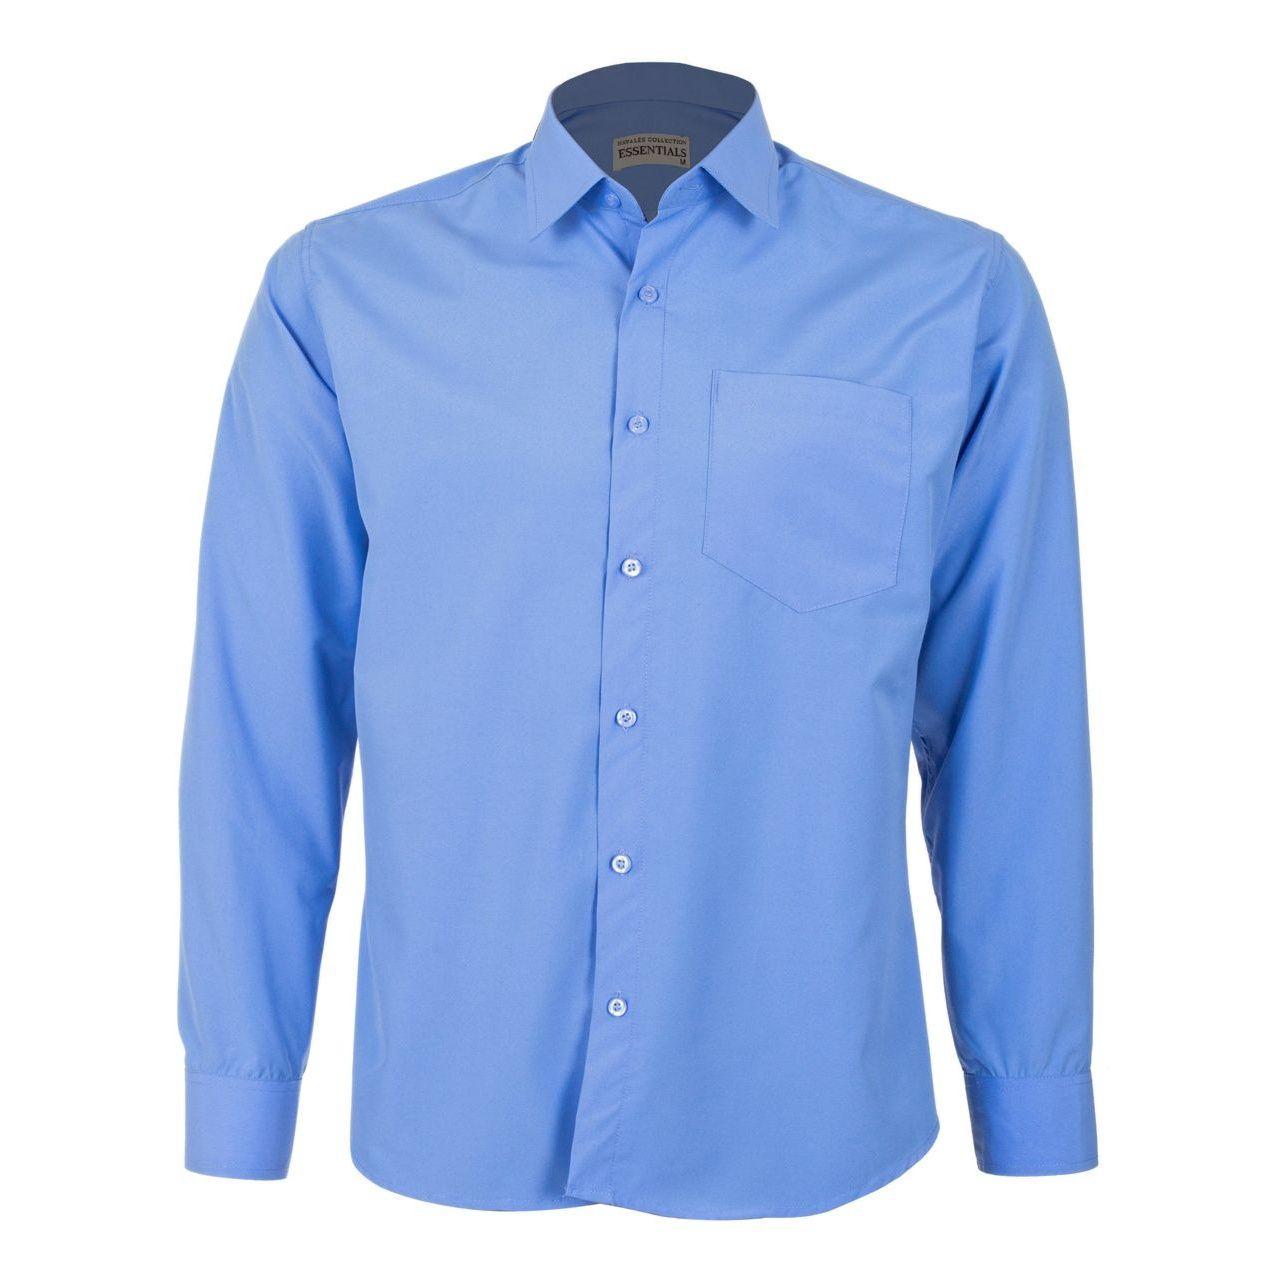 پیراهن مردانه ناوالس کد RegularFit-Tet-bl main 1 1